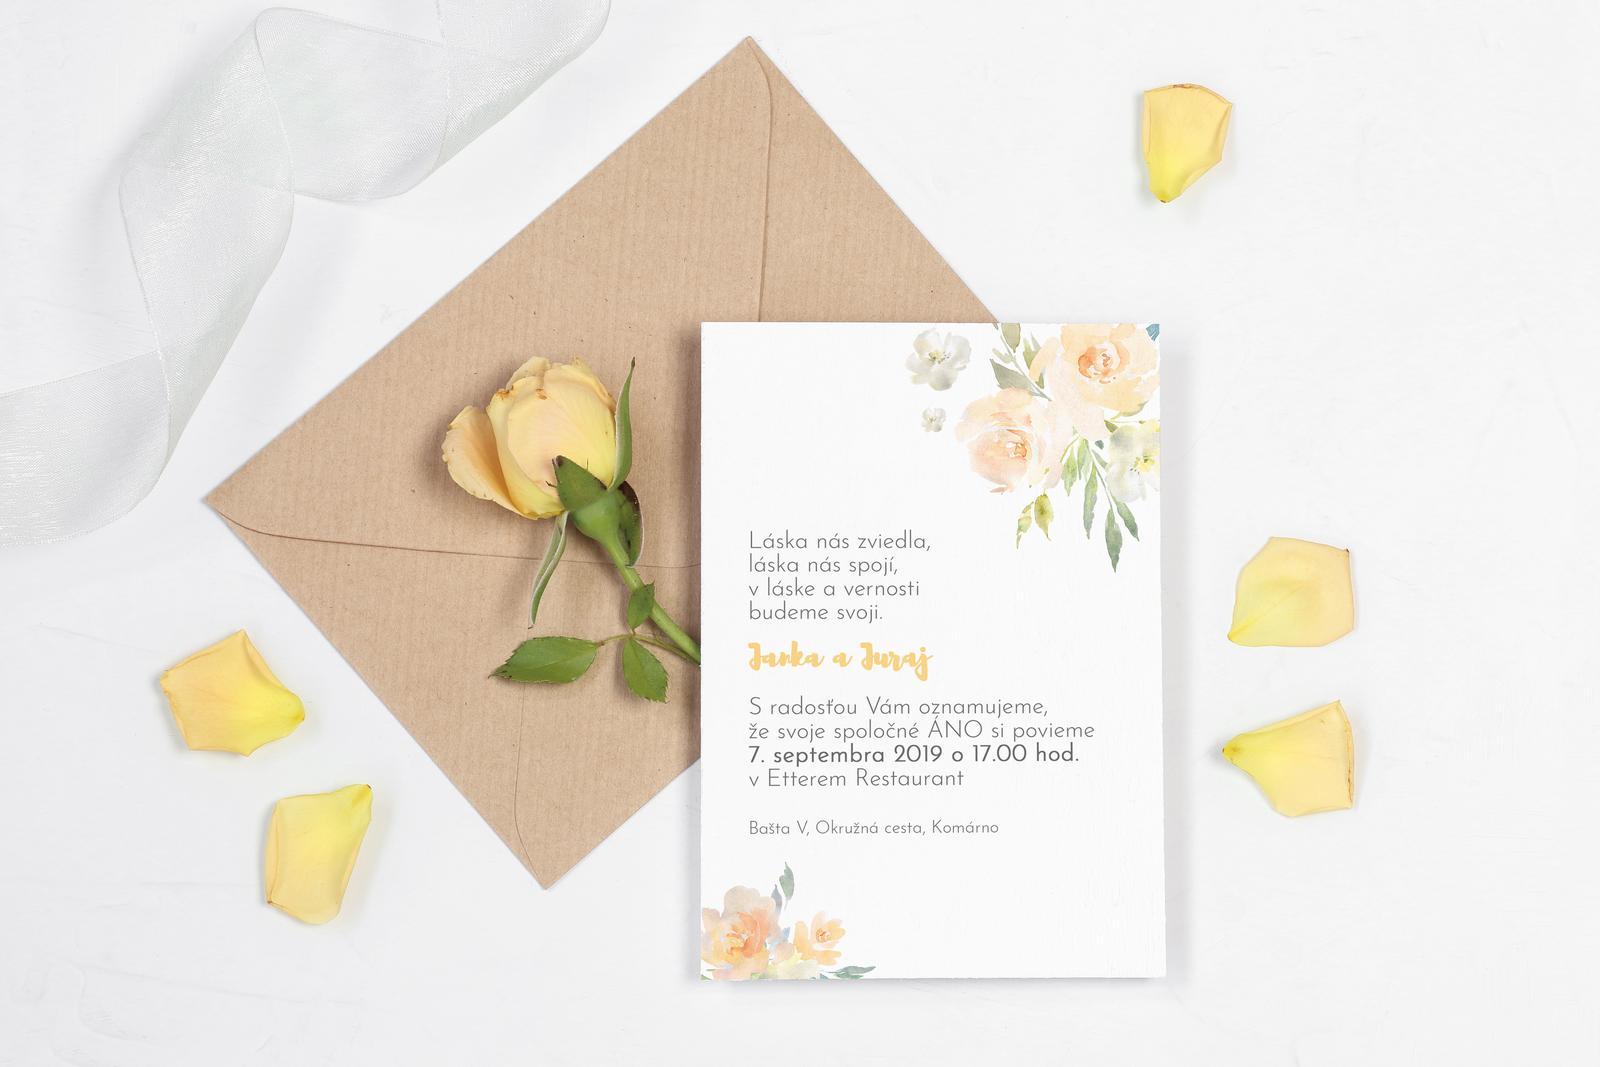 """Svieža žltá - trocha iné oznámenie - Vnesme si trochu slniečka do dnešného upršaného dňa ☀️🌵☀️ Žltá je pomerne netradičná  a netypická """"svadobná"""" farba,o to viac som sa tešila na prácu na tomto oznámení 😊 V kombinácii s bielou, jemným florálnym motívom a prírodným papierom je výsledok"""